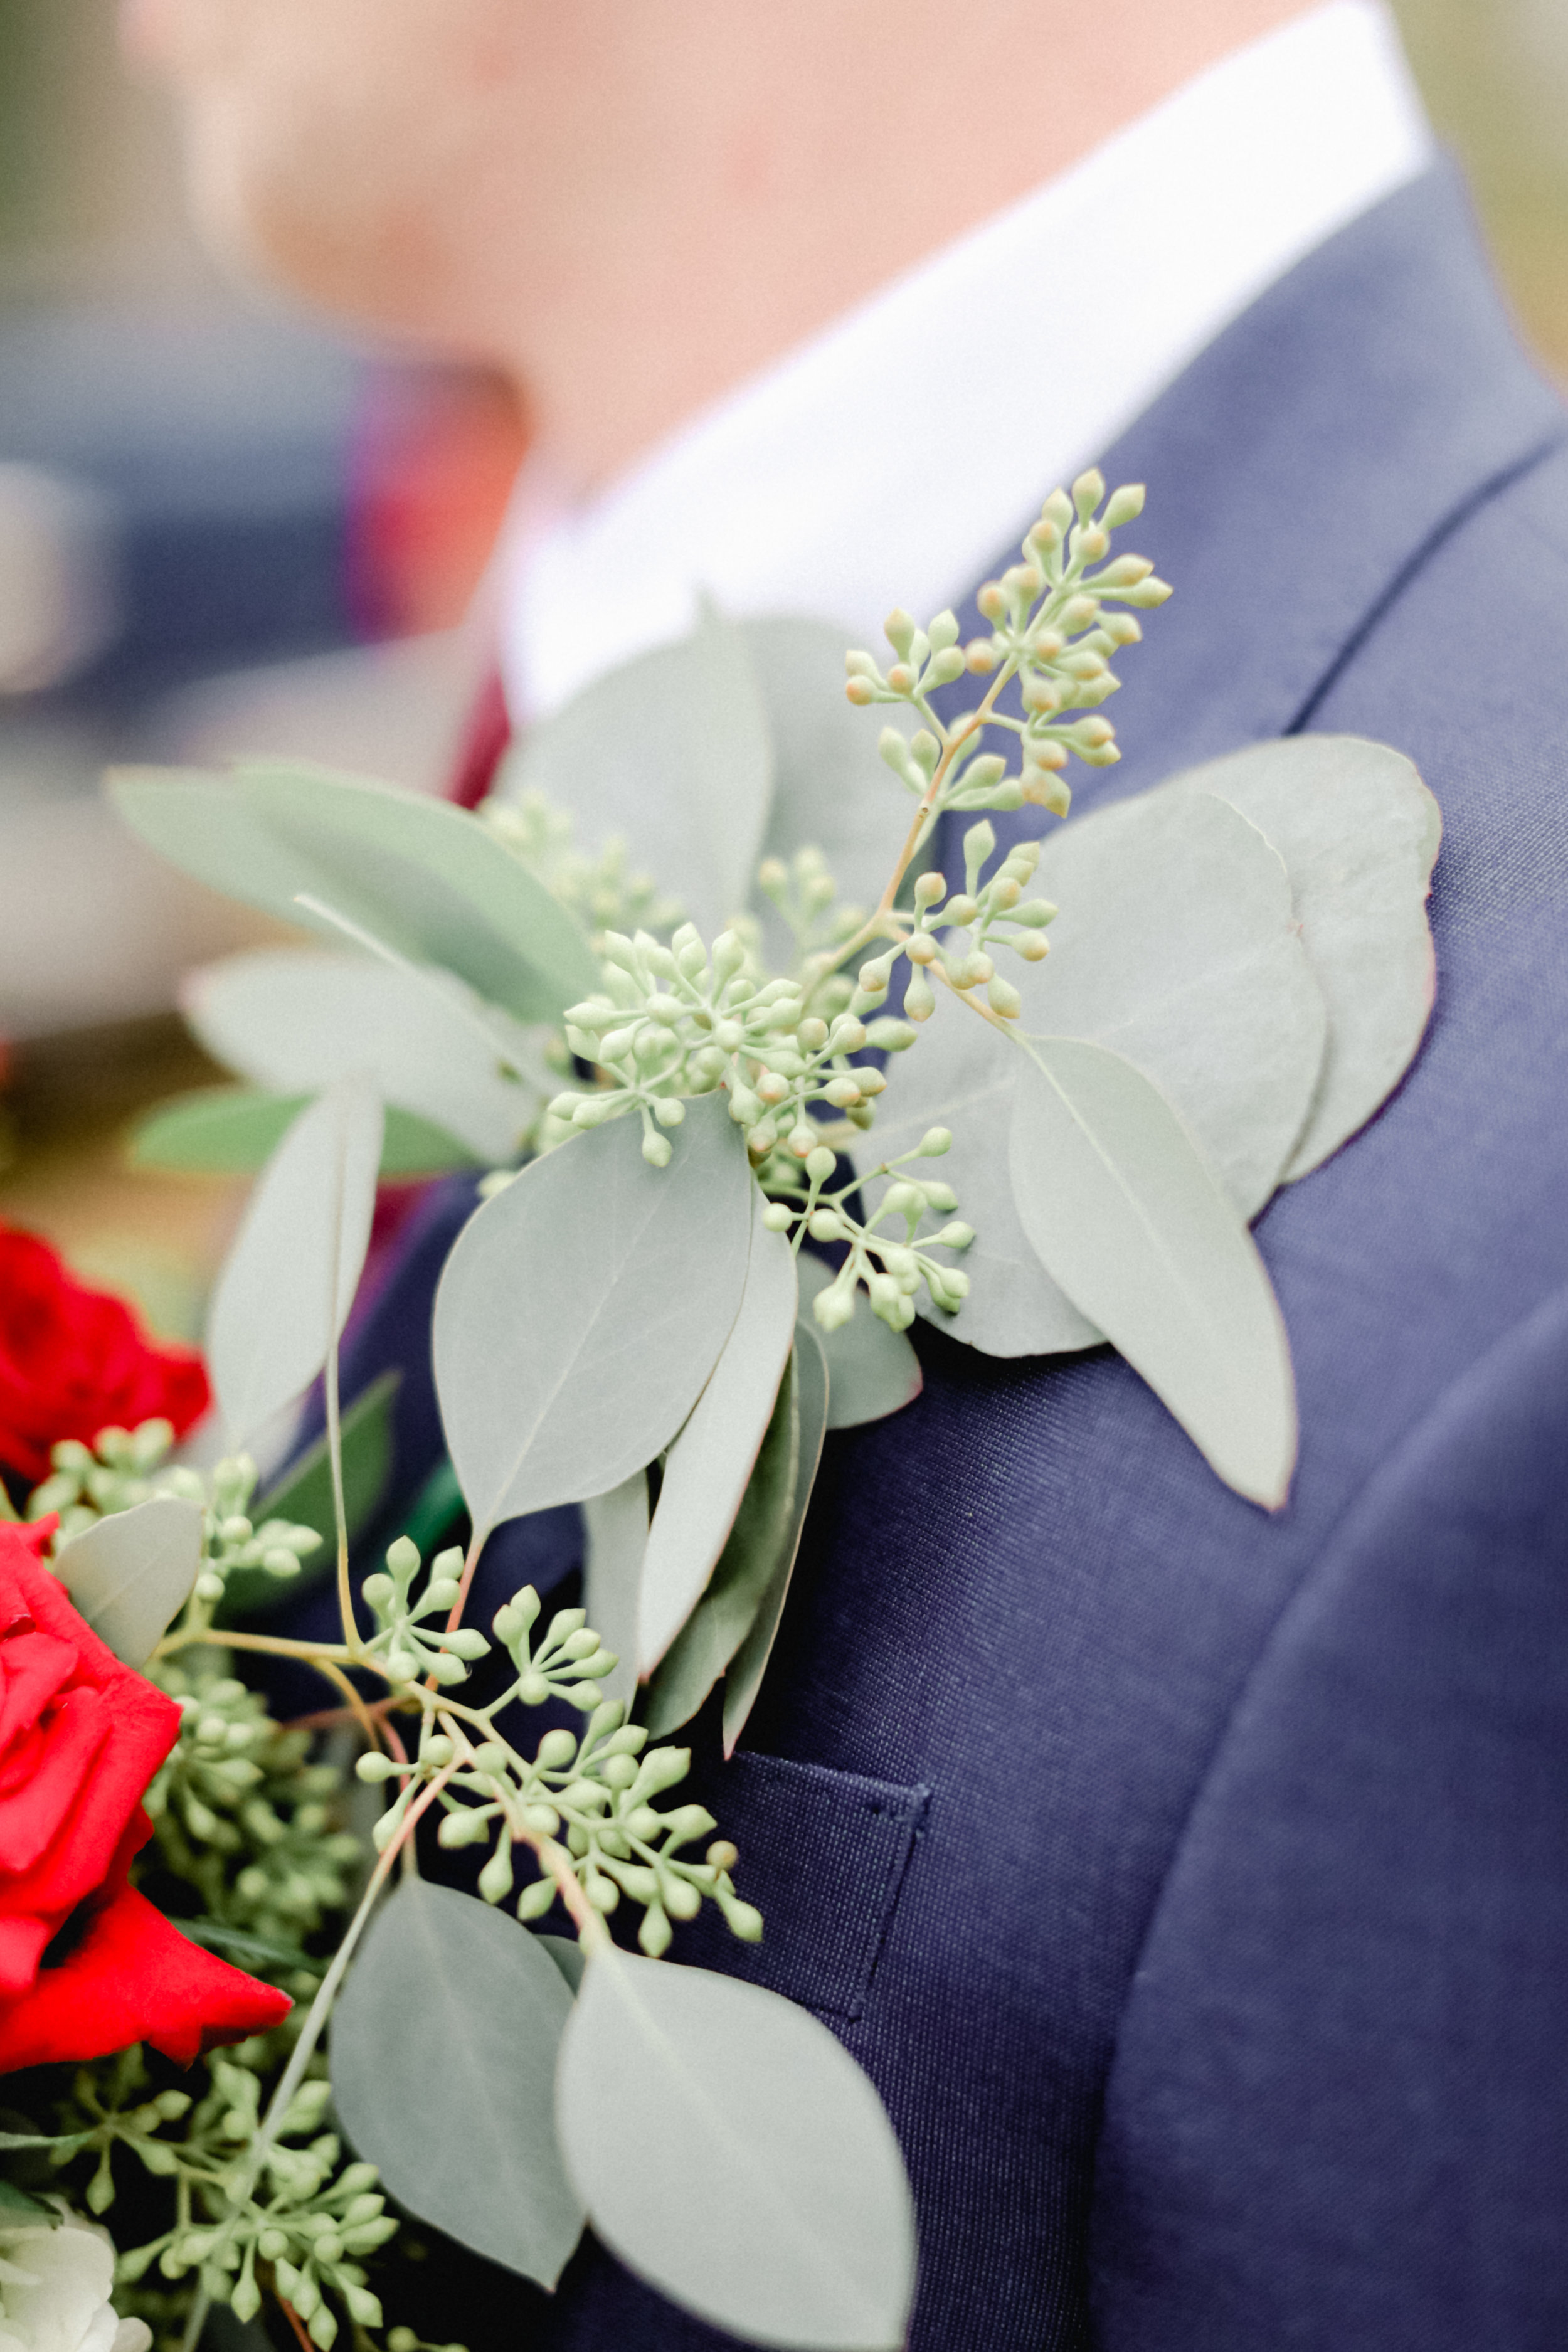 sara_kyle_married_newlywed_finals_2019-197.jpg